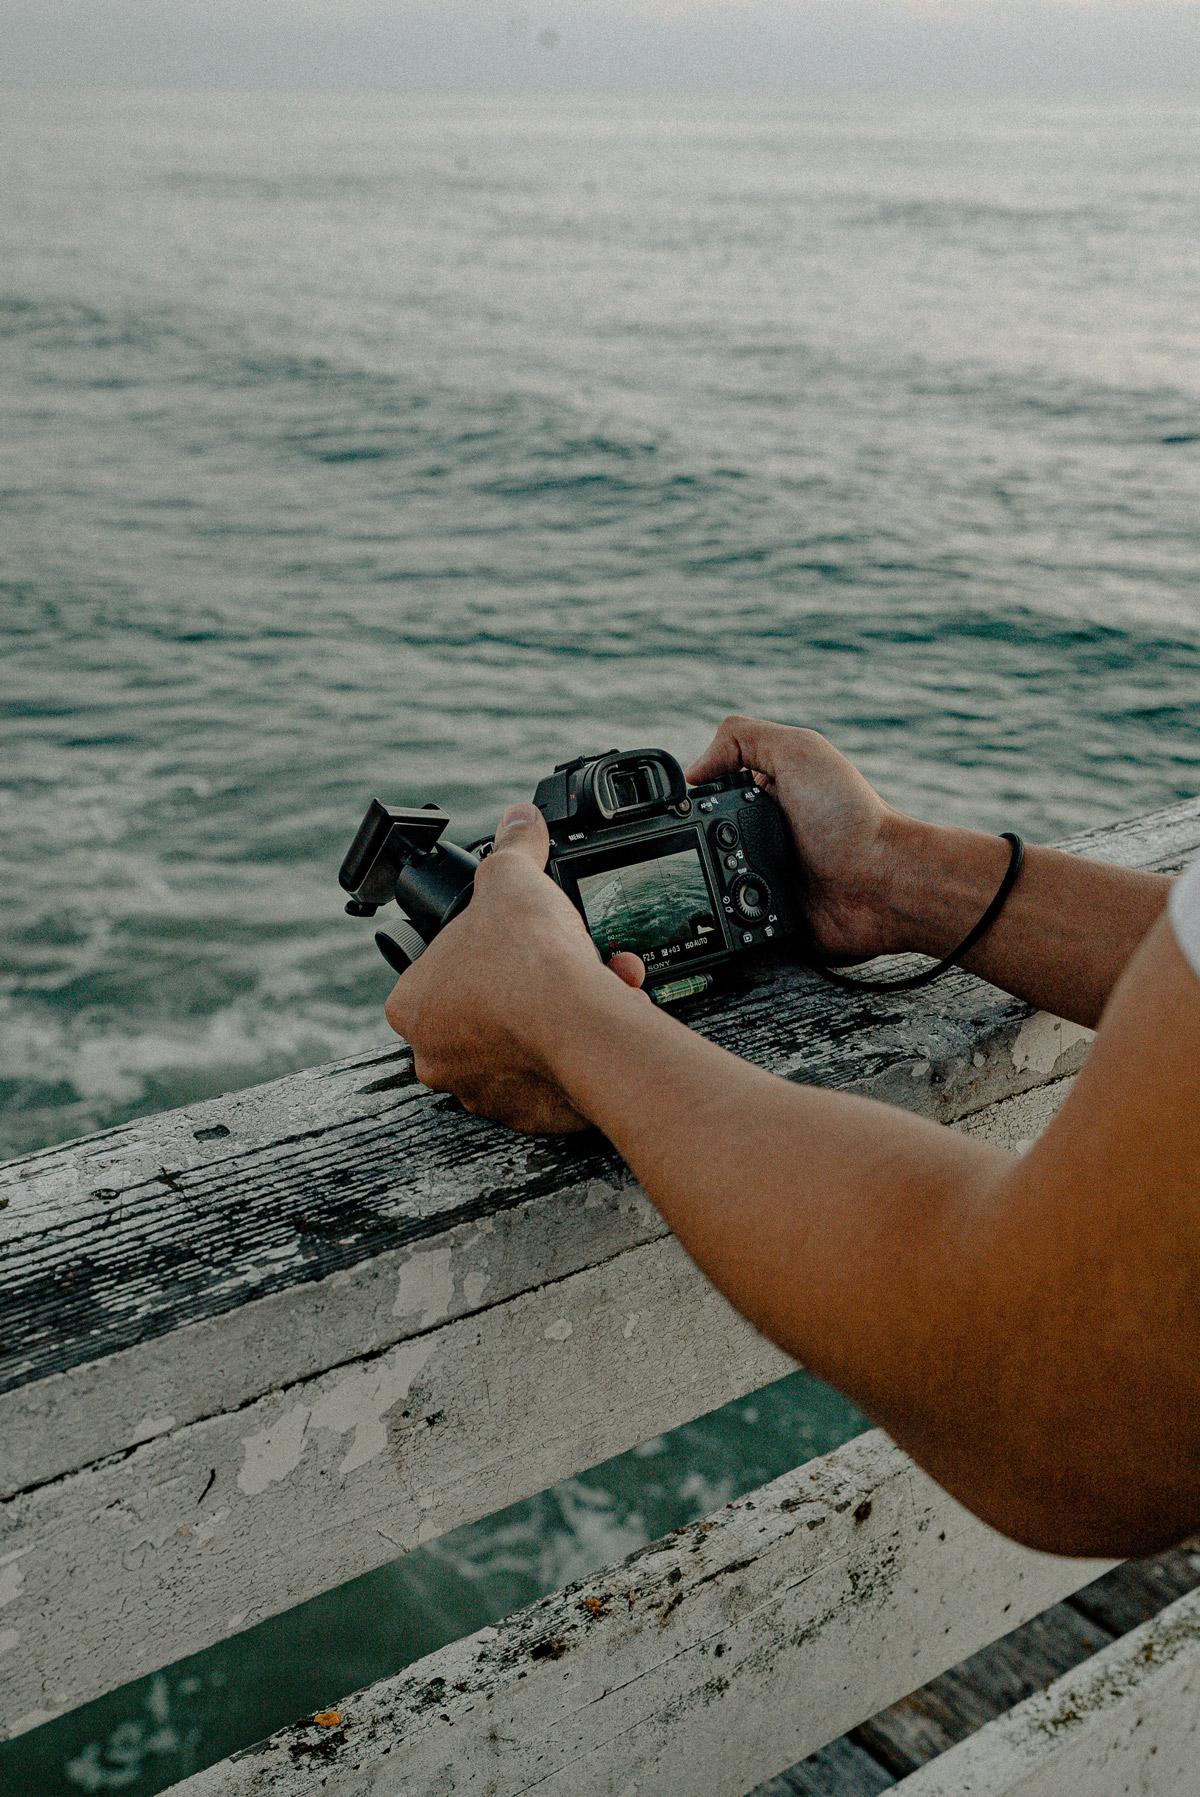 Siempre debes comprobar los parámetros de tu cámara